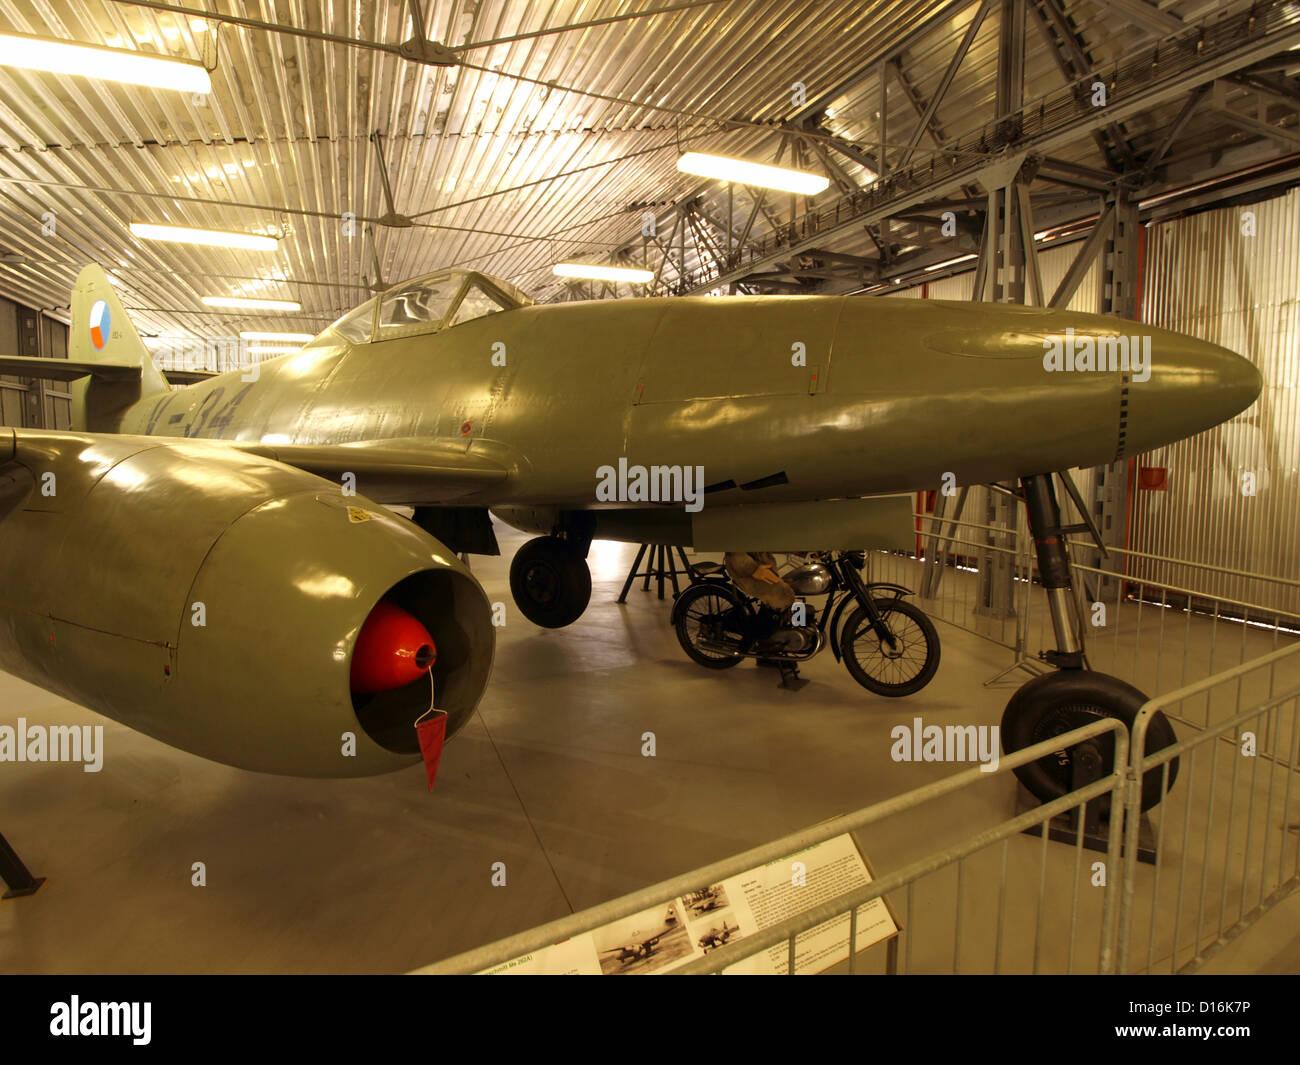 Aircraft in the Prague Aviation Museum, Kbely.Avia S-92 V-34 (Czechoslovak-made Messerschmitt Me 262A), - Stock Image